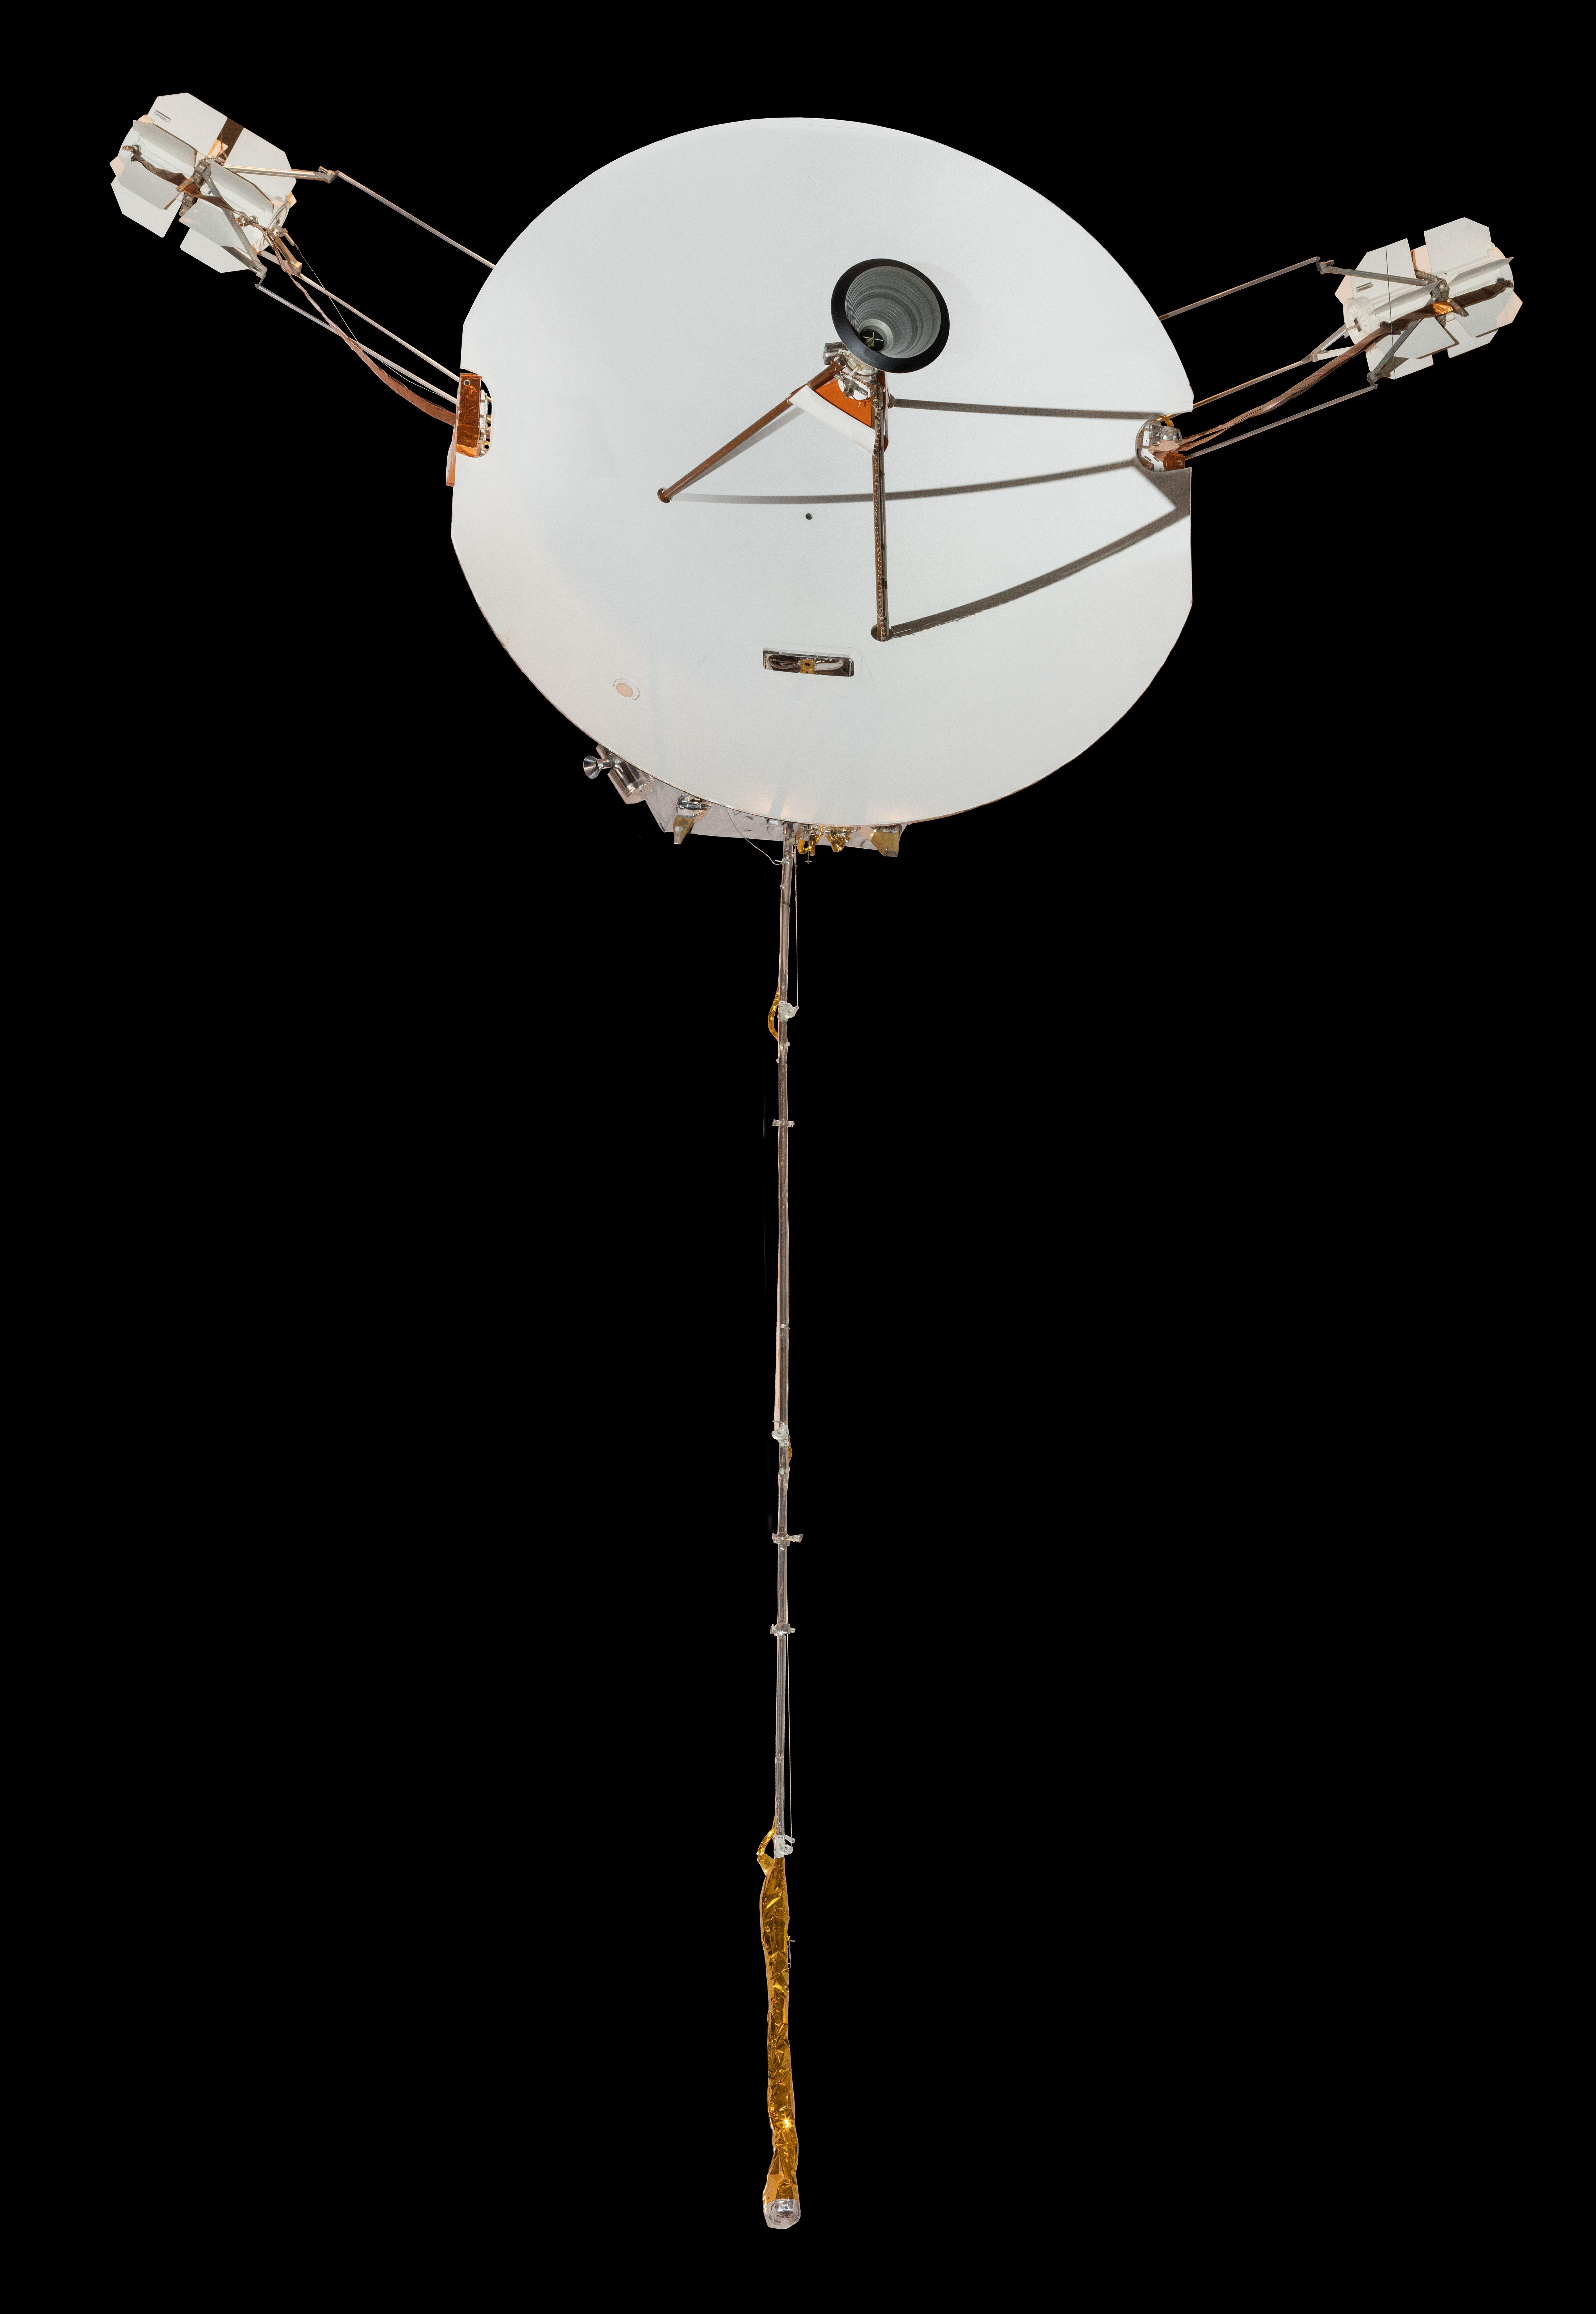 Pioneer 10/11 Spacecraft